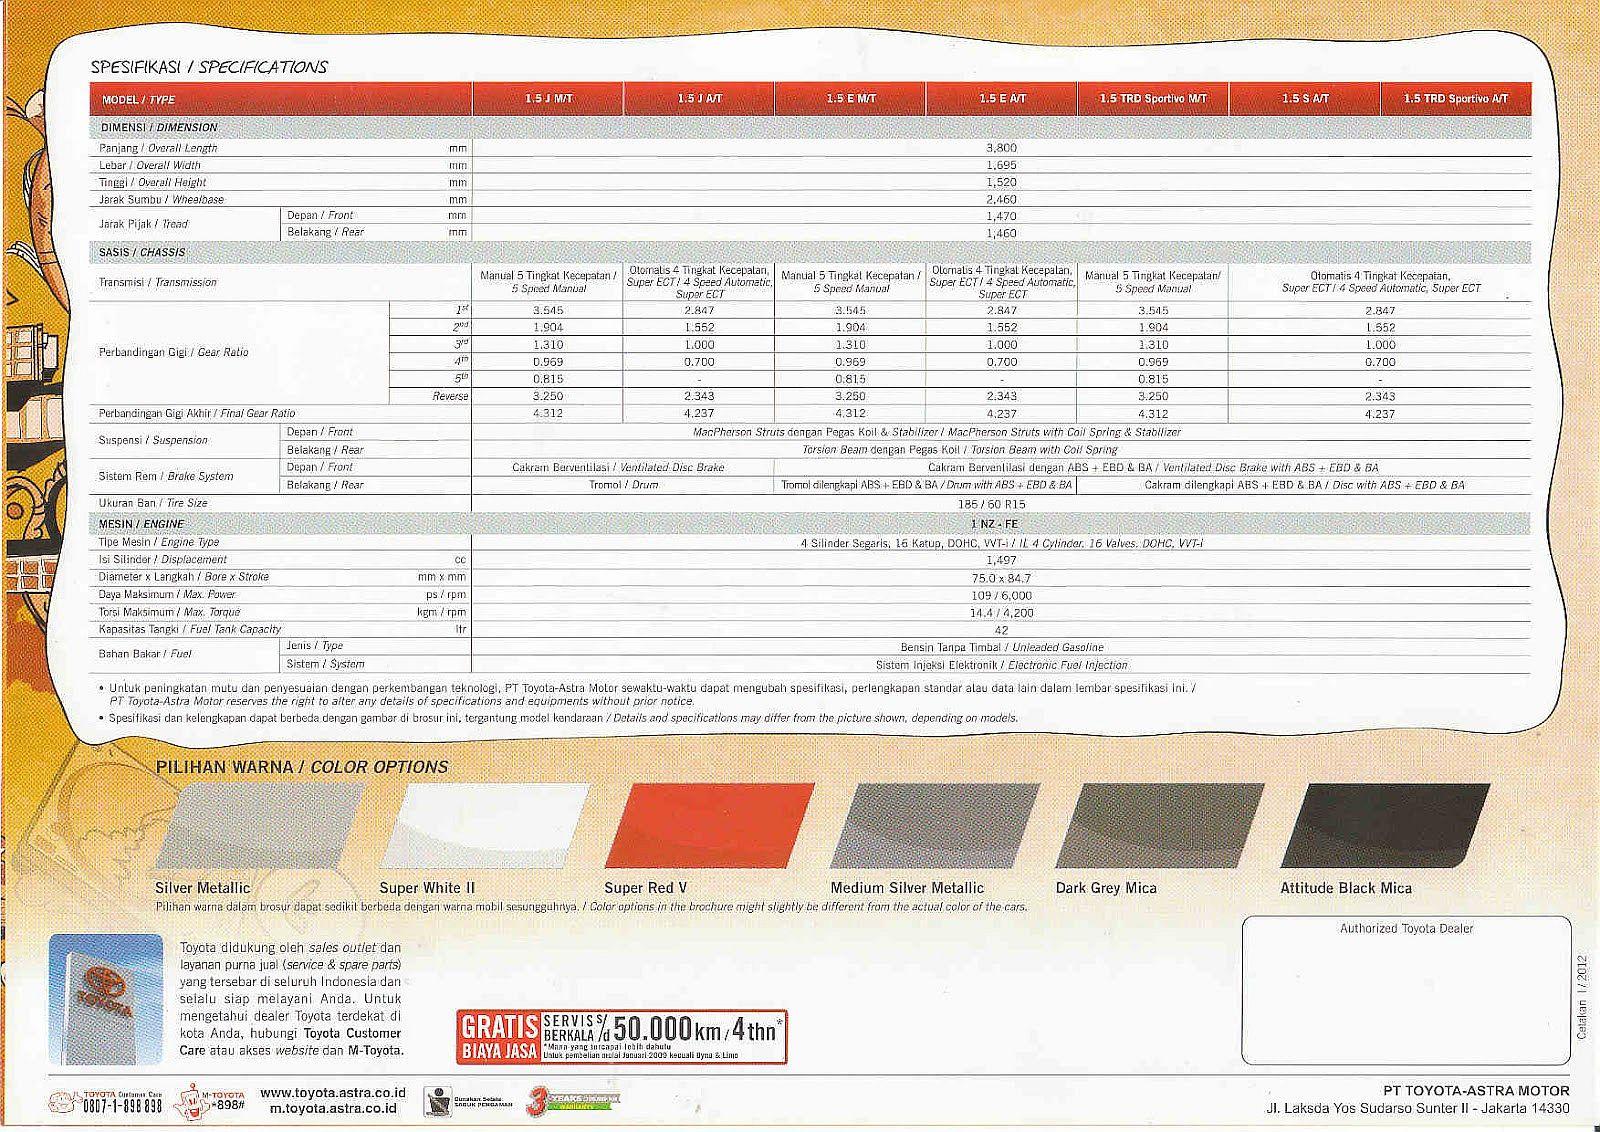 brosur toyota yaris 2012 - dealer toyota bekasi